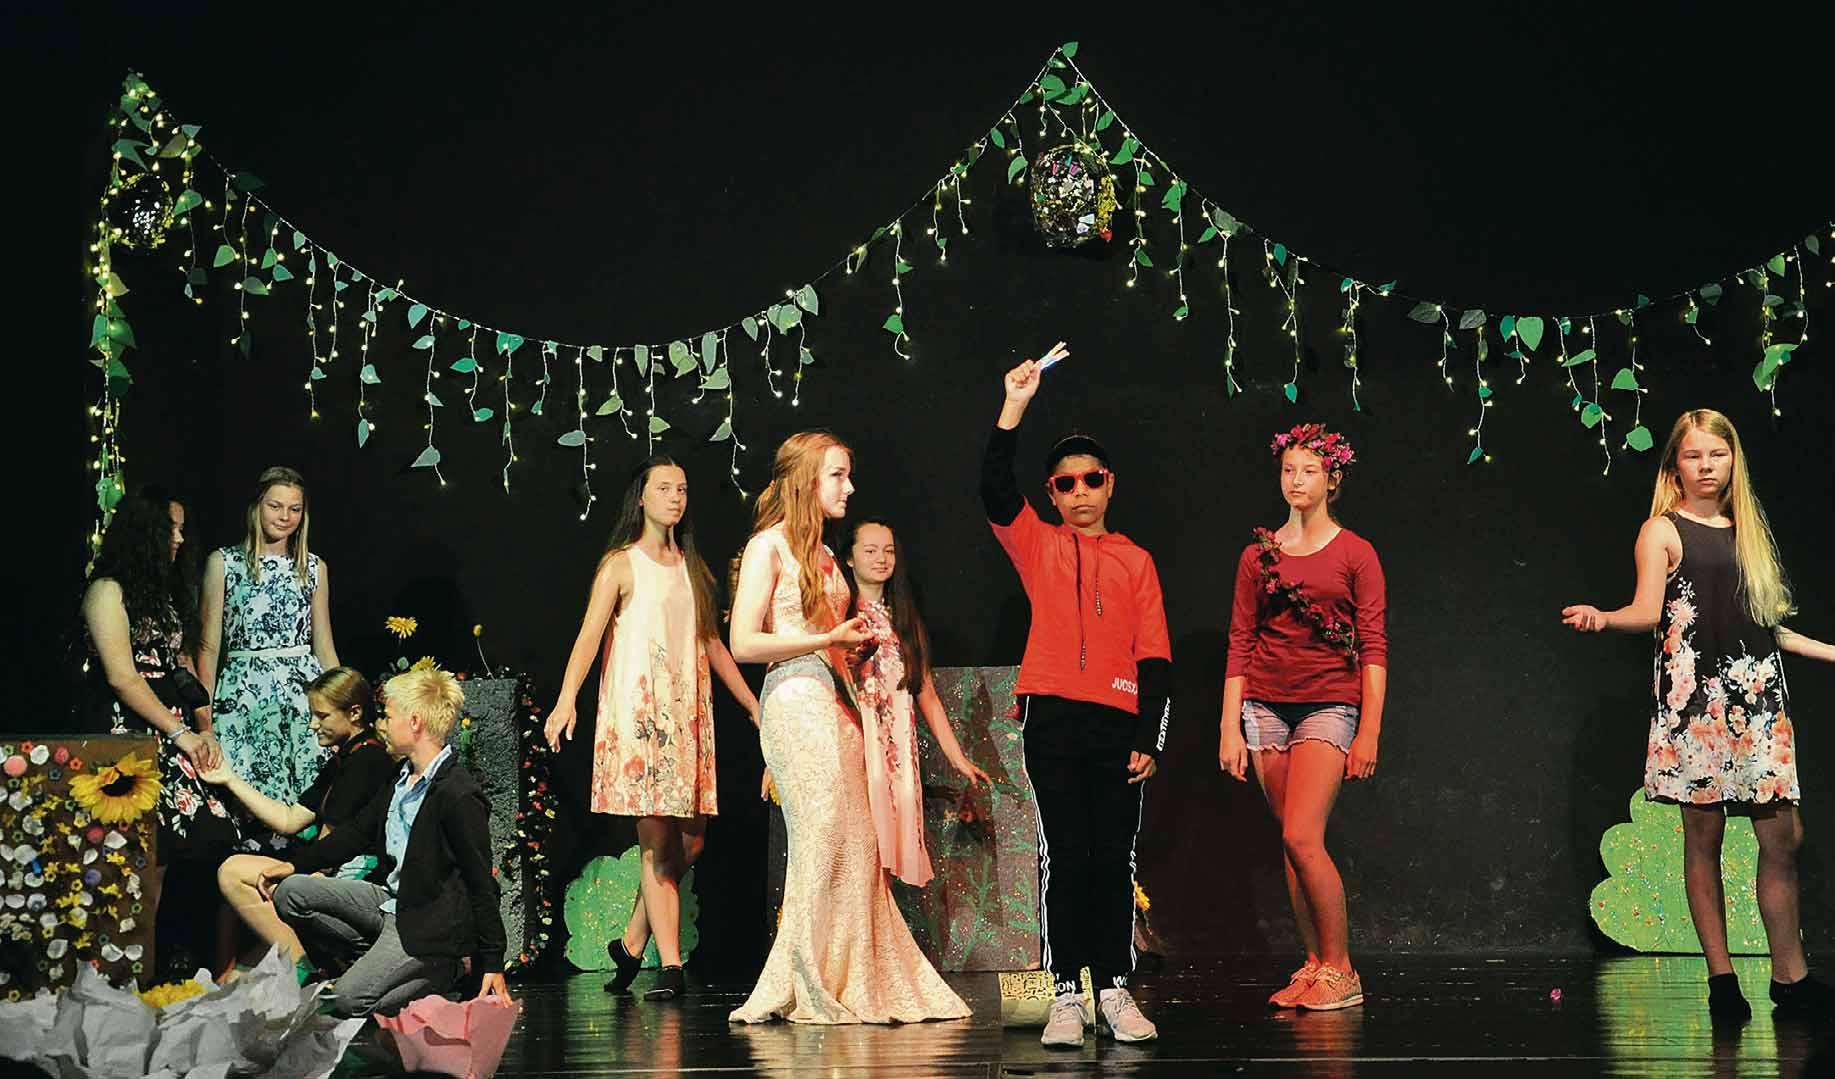 """Abseits des Unterrichts stellen die jungen Weltbürger der Ecole auch eigene Theaterstücke auf die Beine. In diesem Sommer zeigten sie """"Ein Mittsommernachtstraum"""" von William Shakespeare. Foto: Hoang Lan Dinh"""